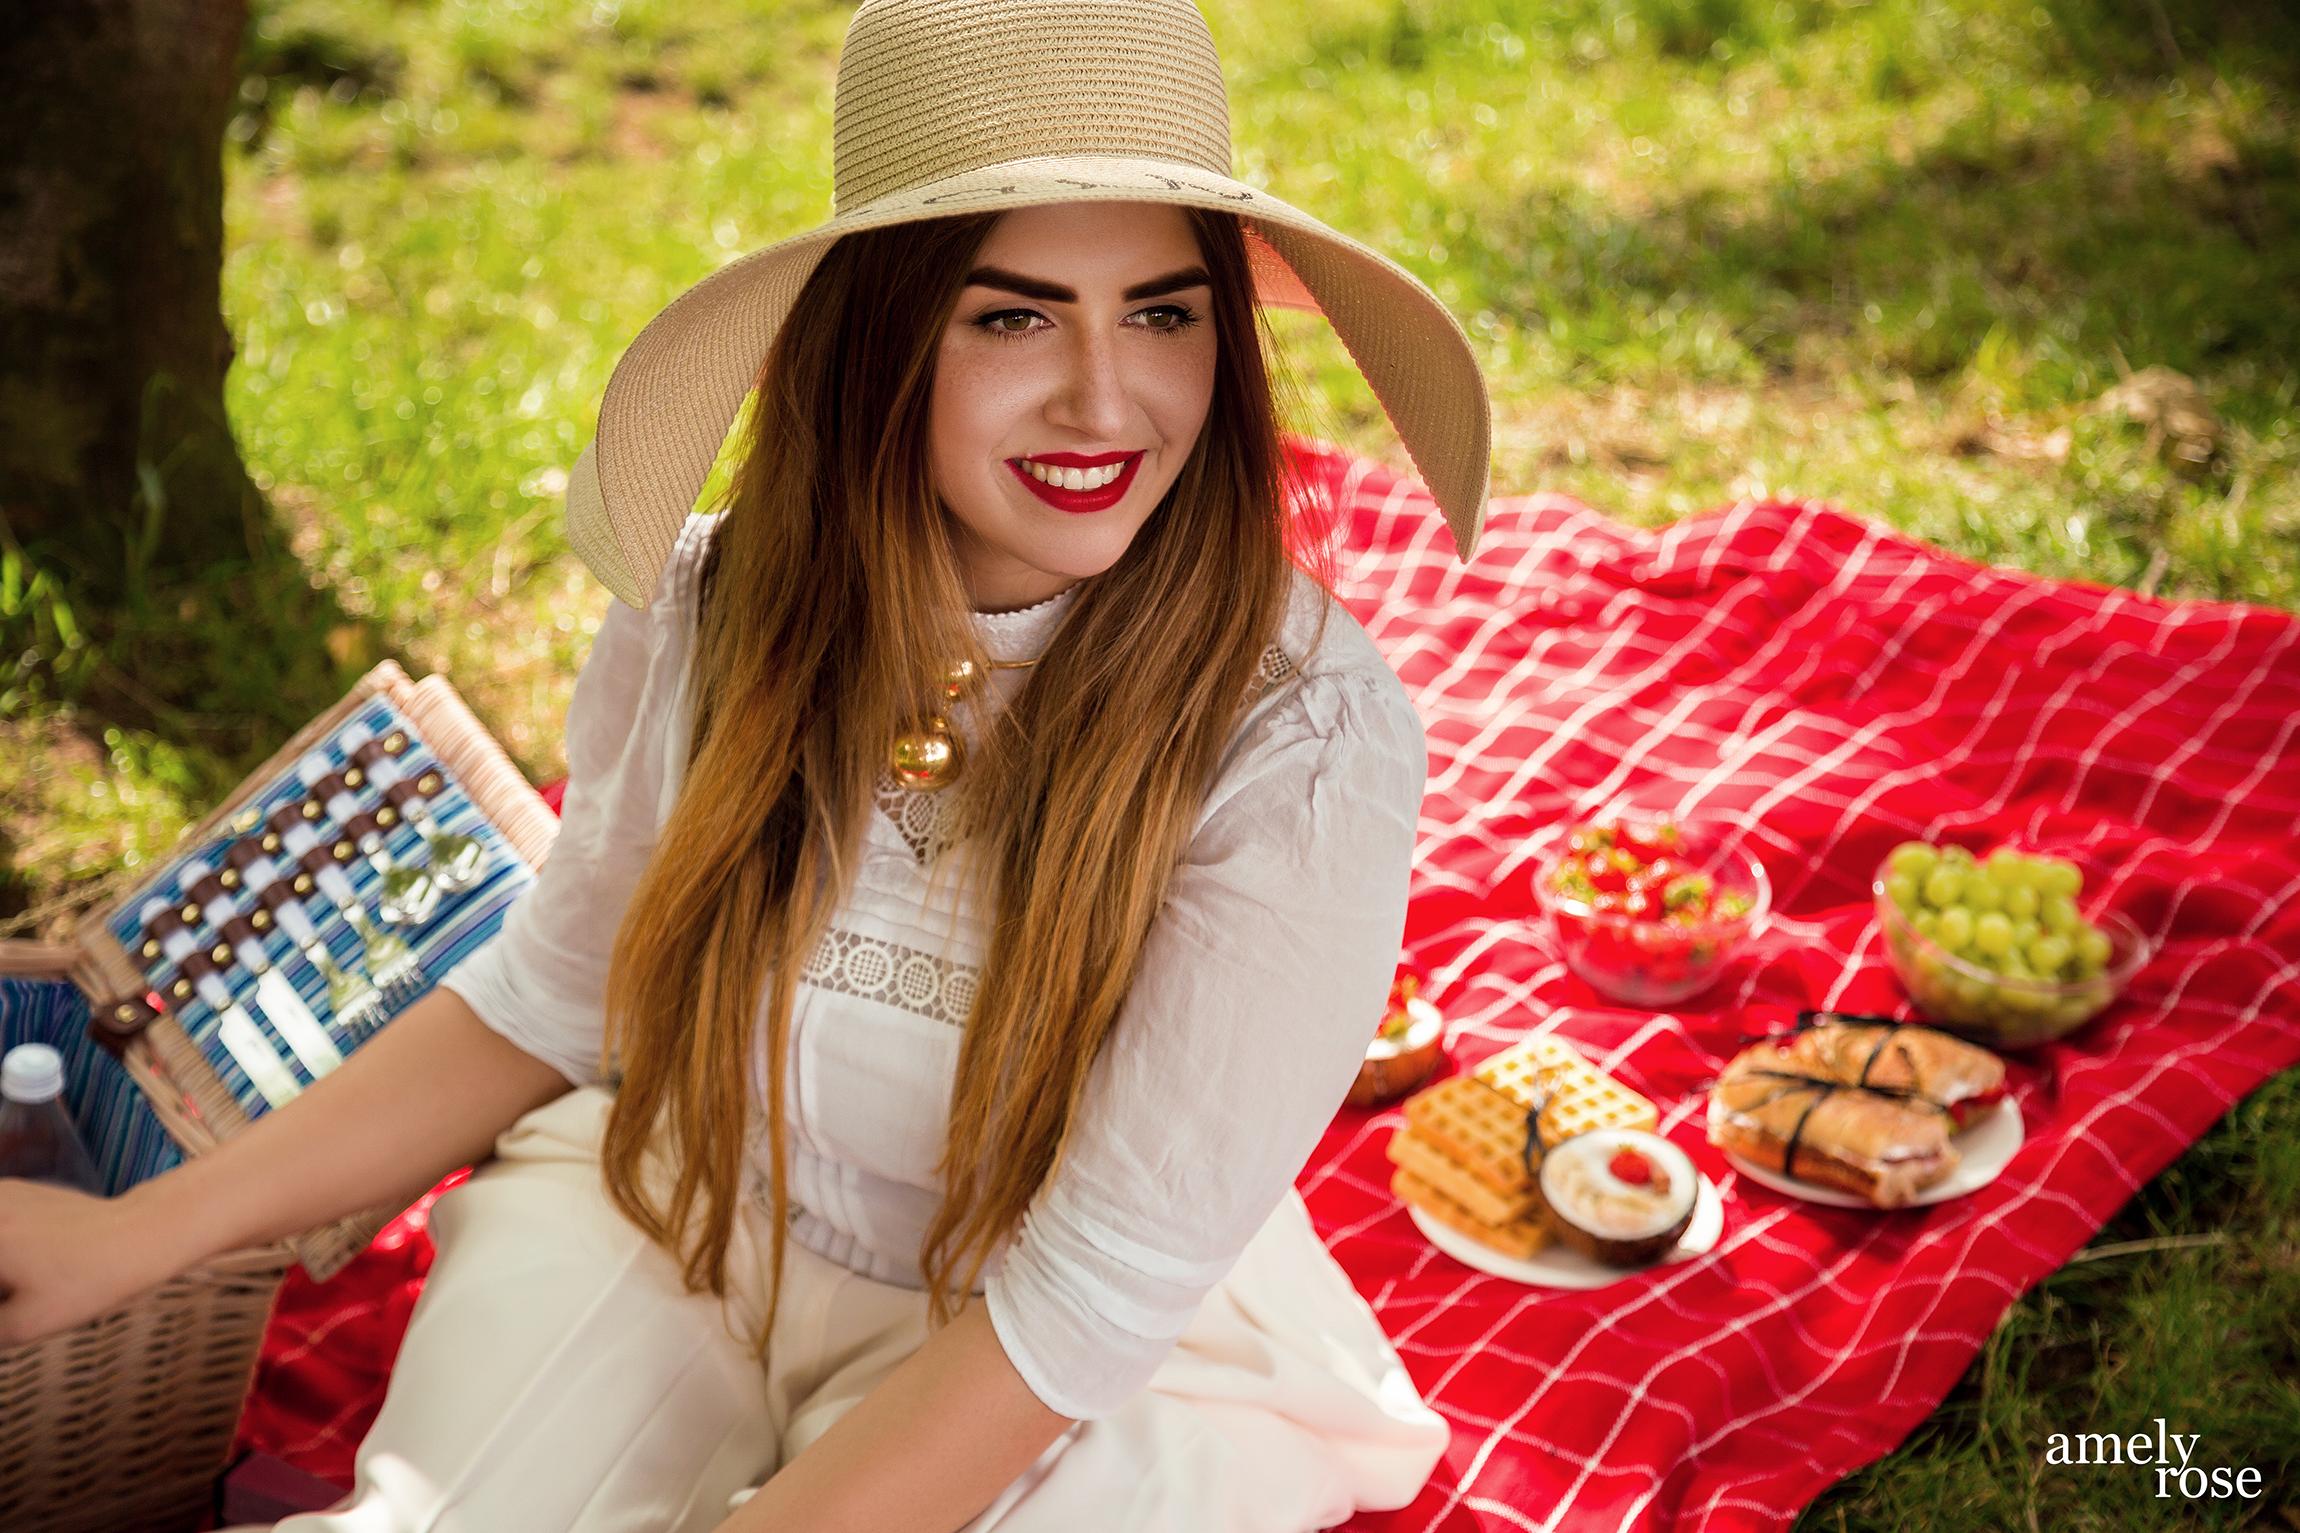 amely rose, german influencer und fashion blogger picknickt in der schönen eifeil im grünen, picknicken mit der familie und diesen tollen leichten, diät rezepten.